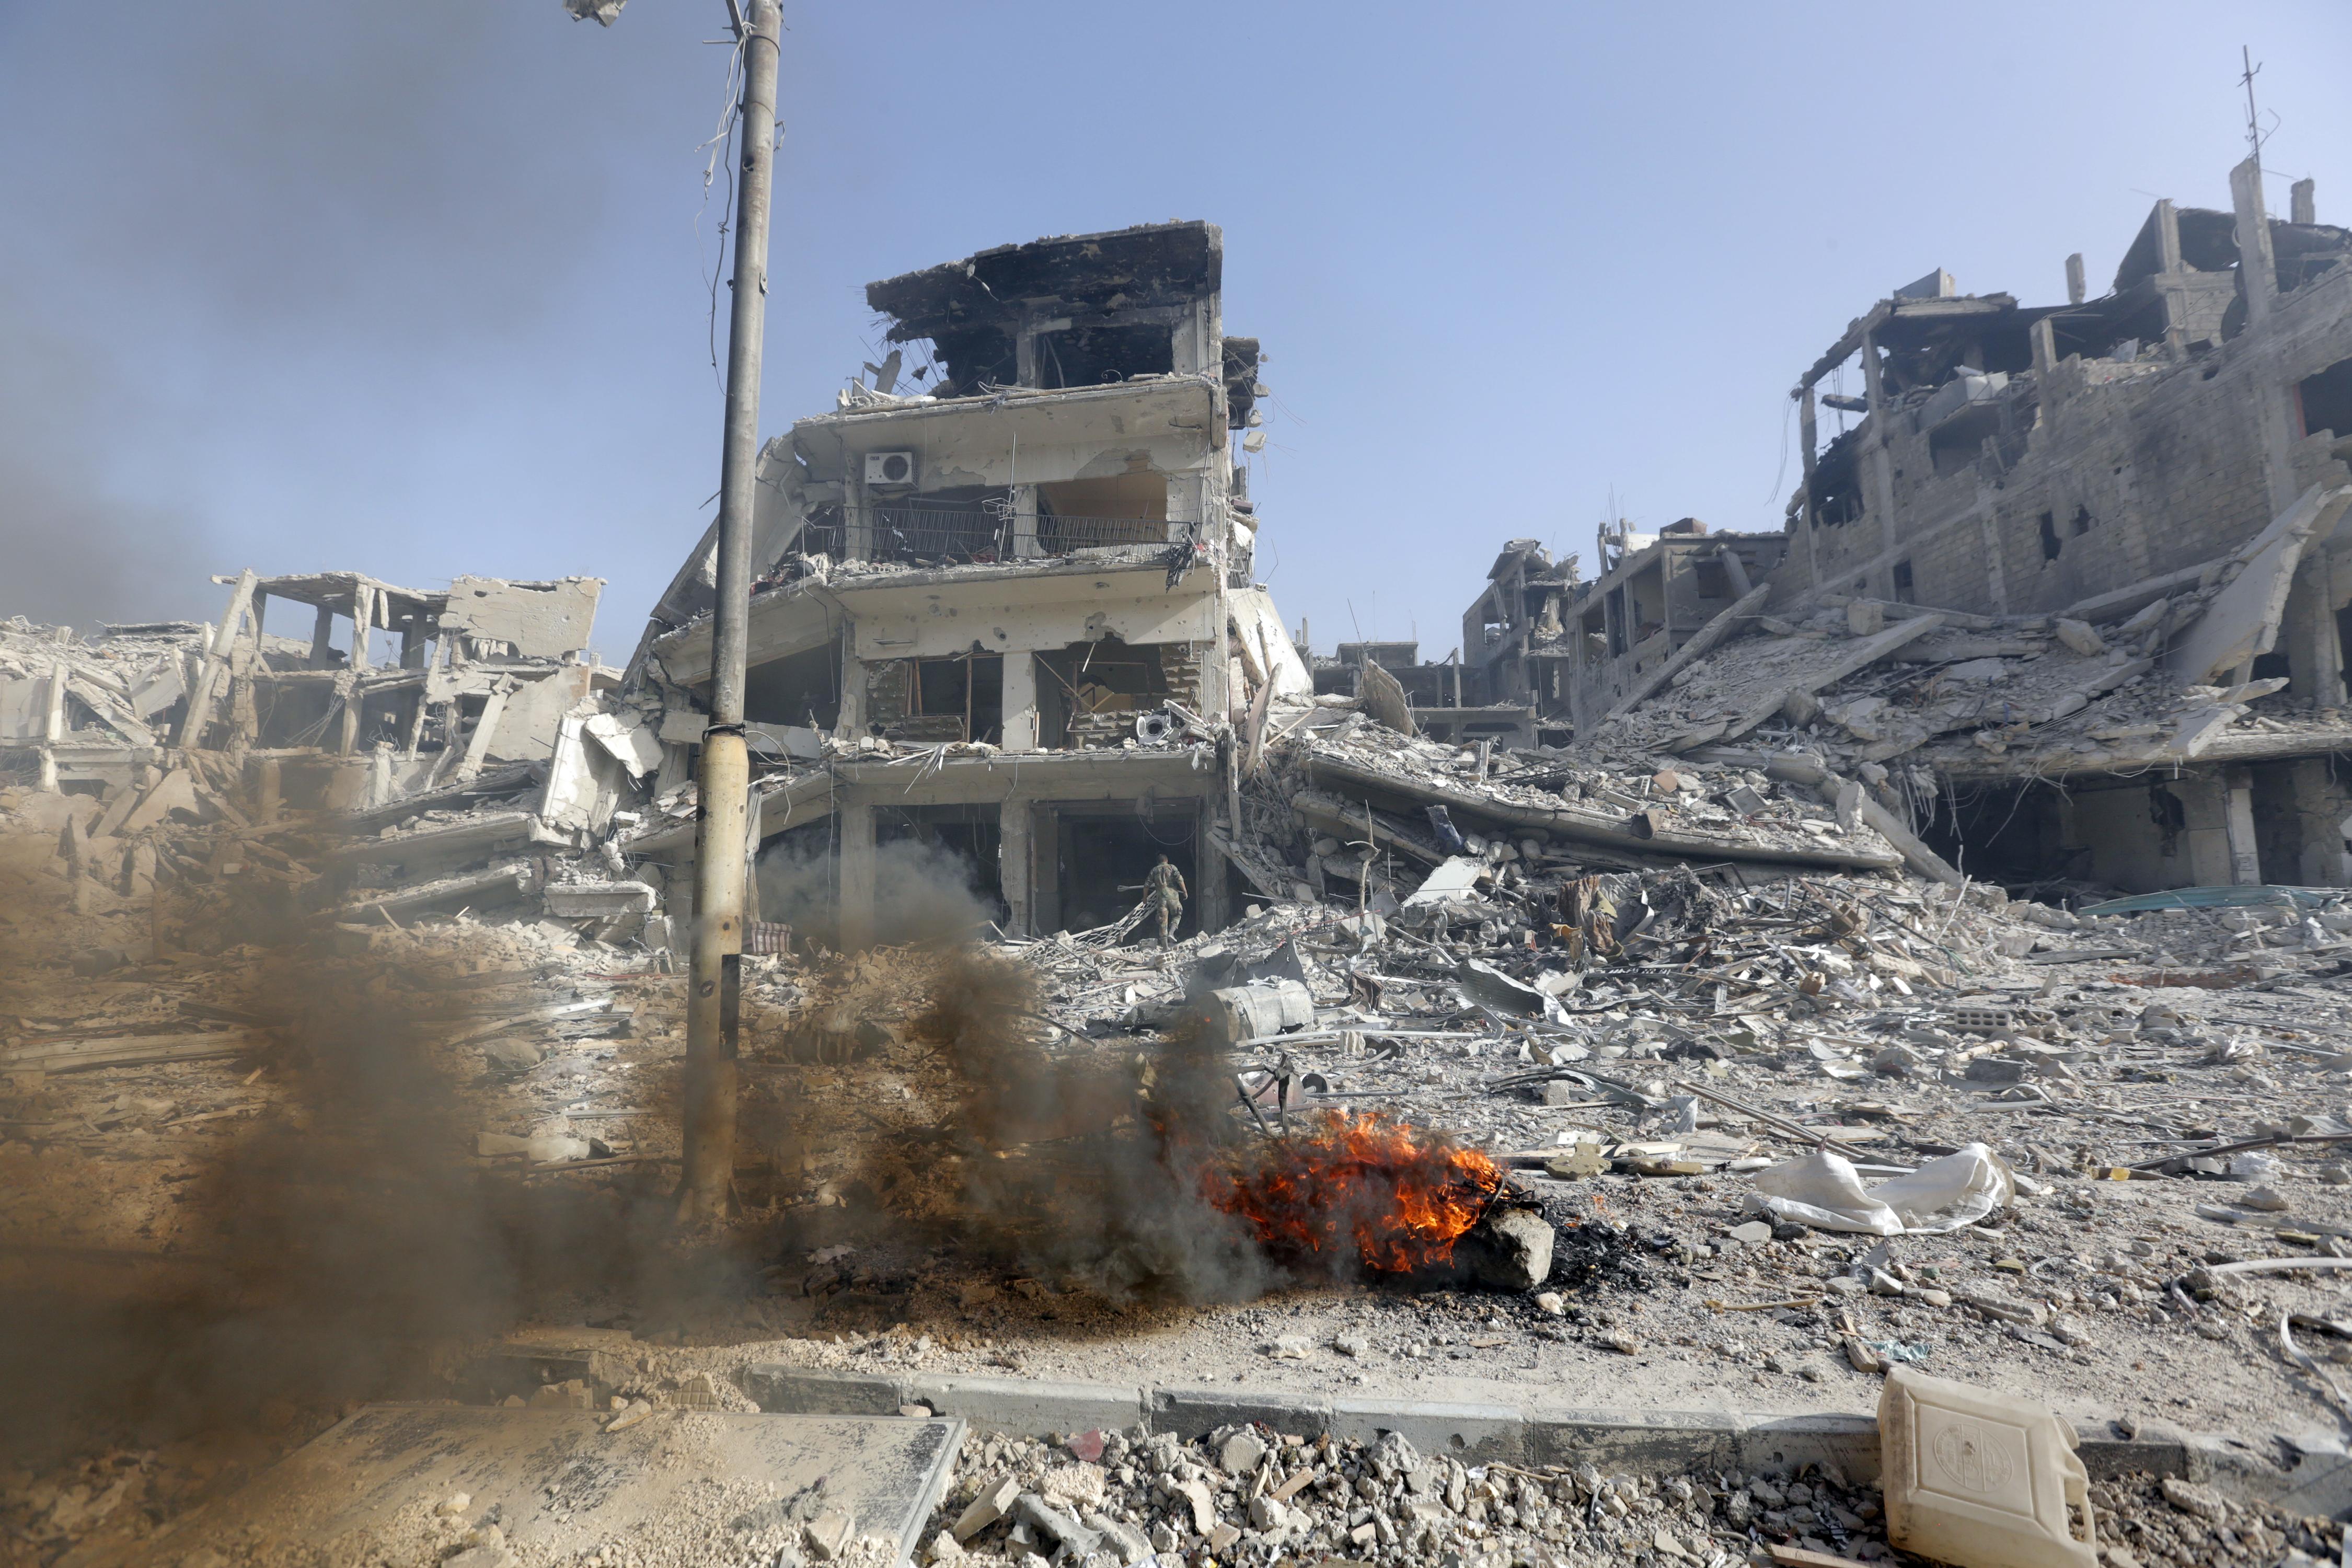 Miresele ISIS s-au întors acasă. Autoritățile nu sunt pregătite, situația poate scăpa oricând de sub control